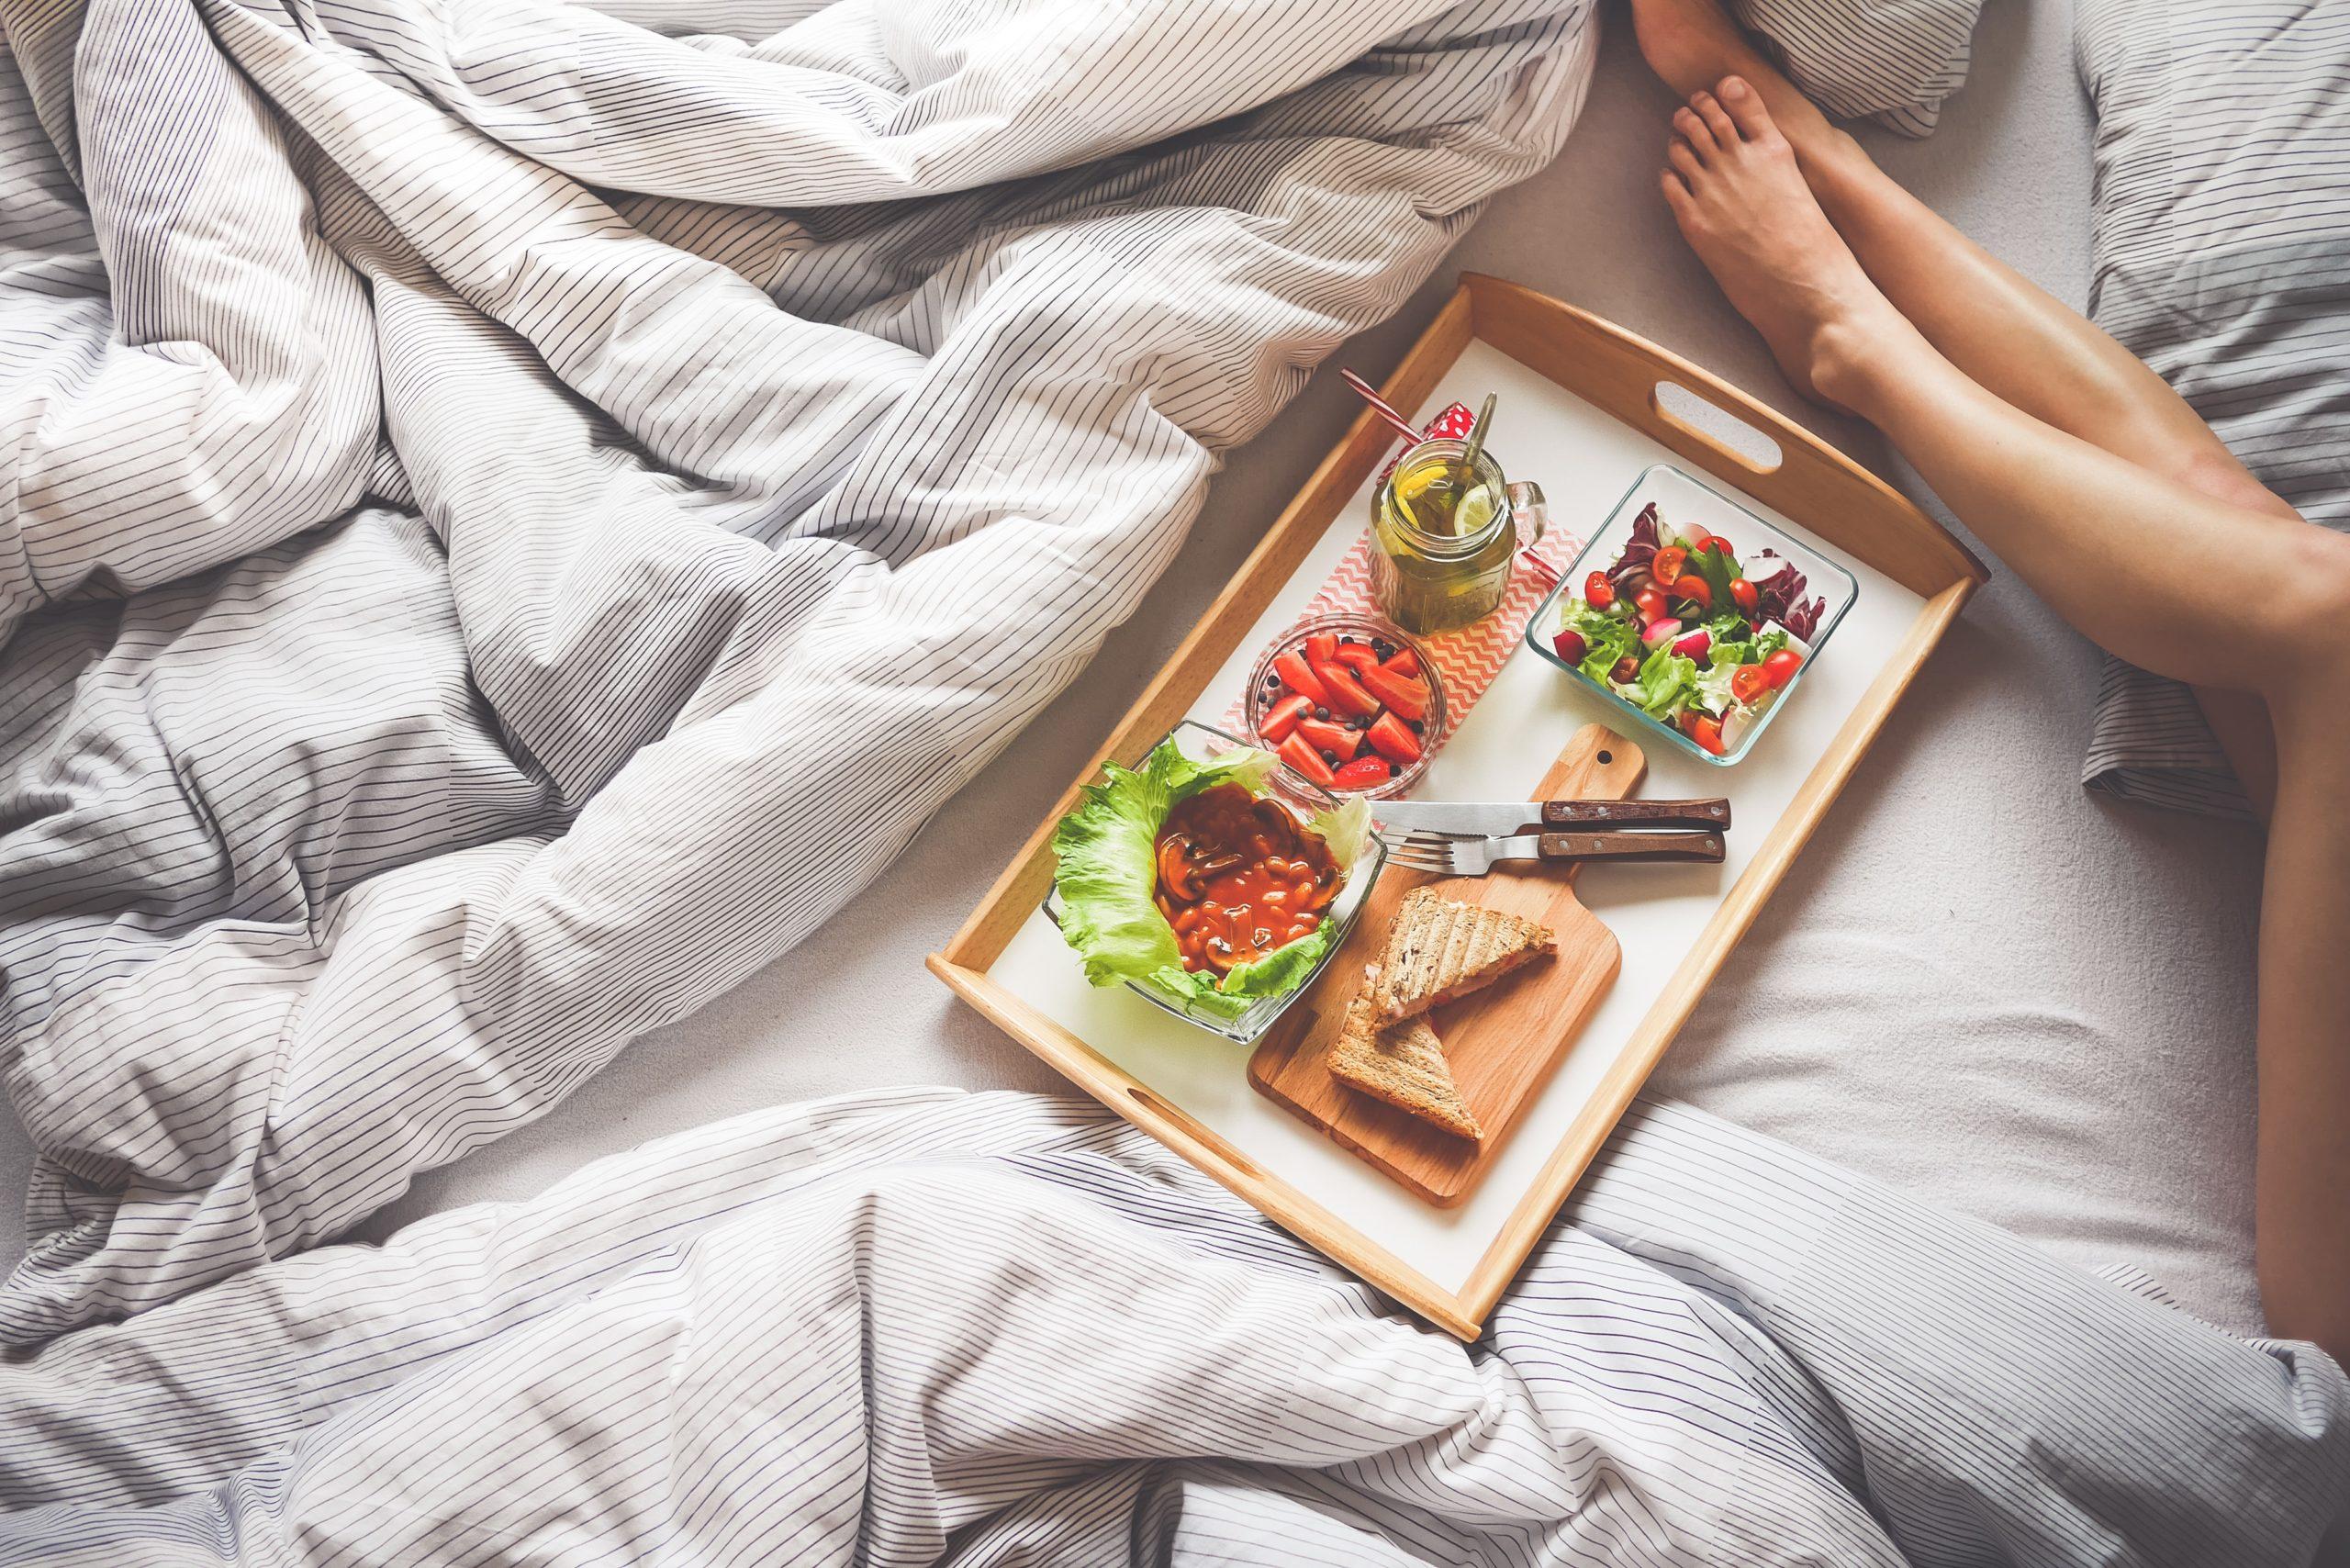 sleep-health-2020-products